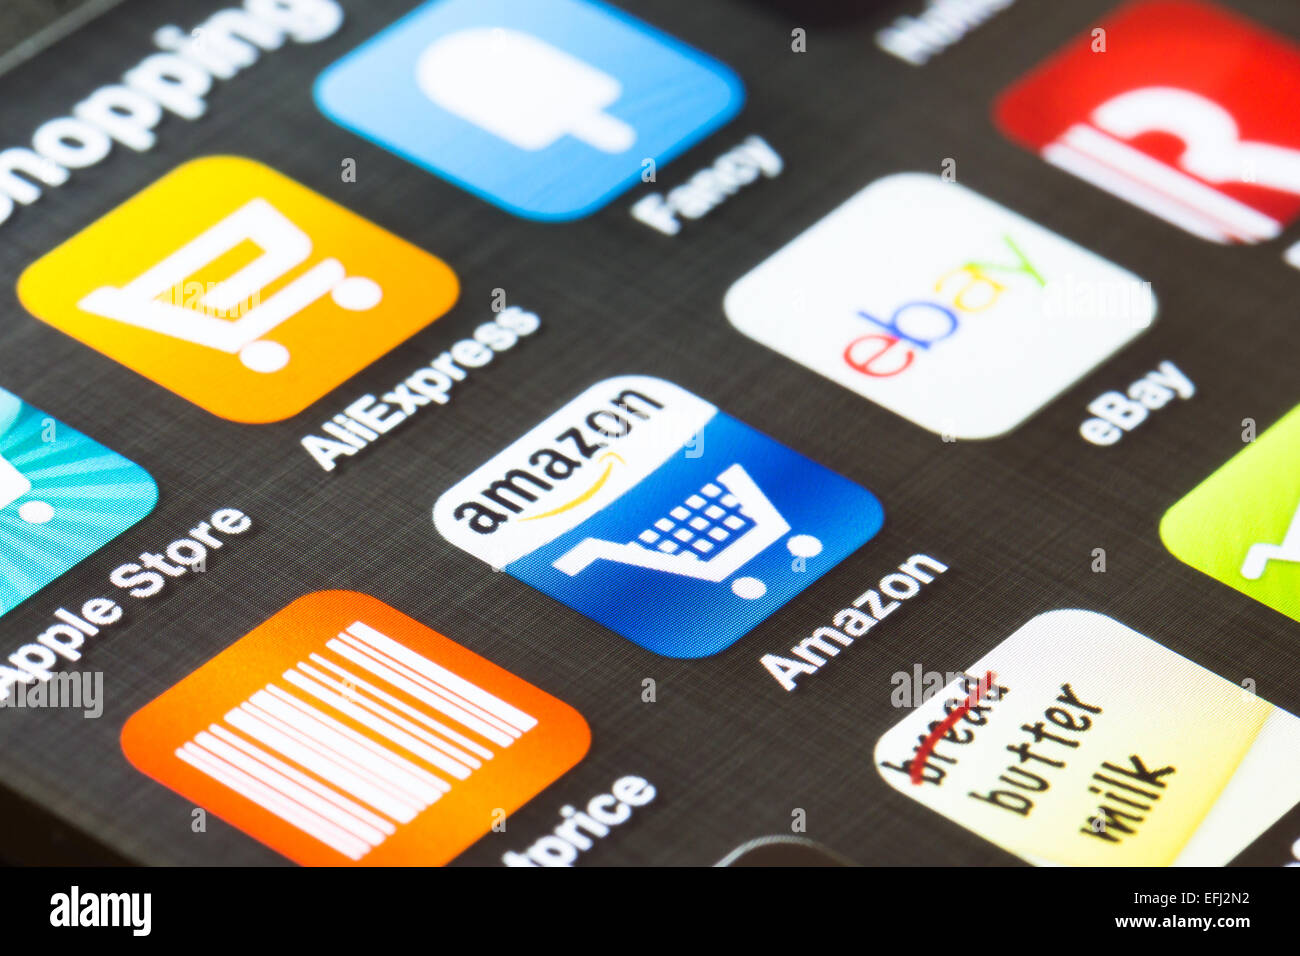 LONDON, UK- 5 FÉVRIER 2013: les apps affichées sur un écran du smartphone. Photo Stock